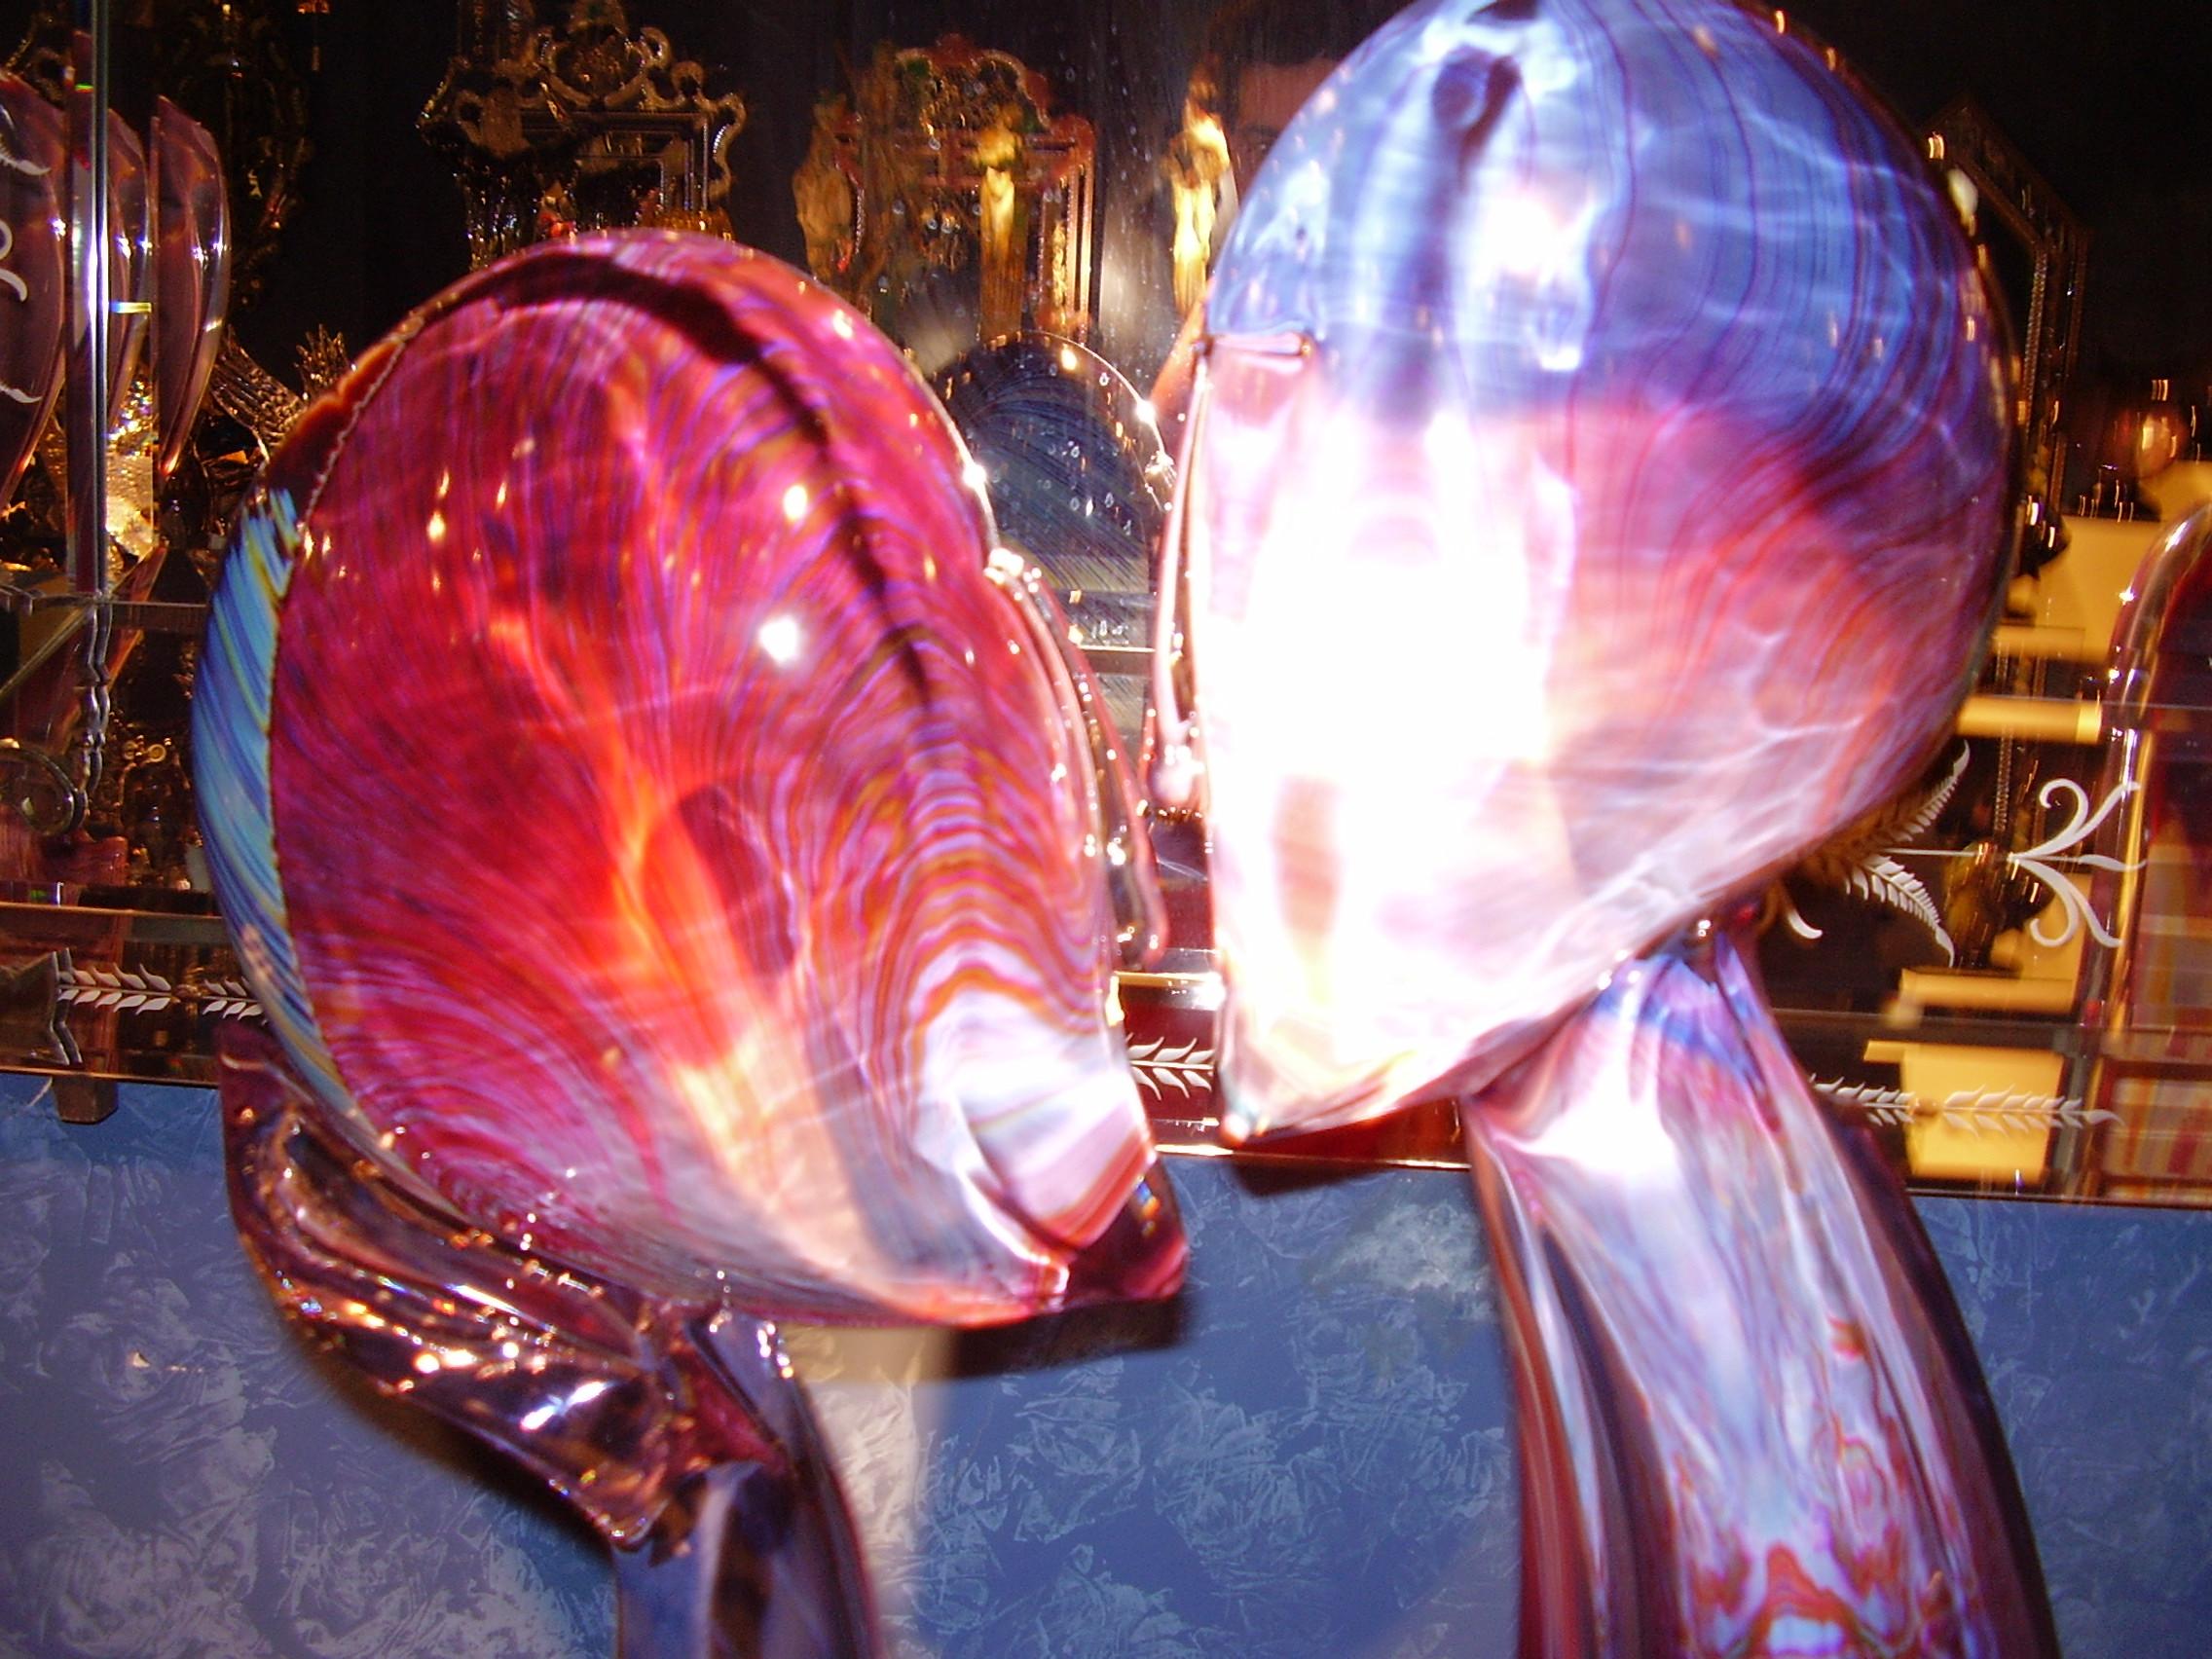 Стъклени склуптури - съвременно изкуство - Венето - Венеция - Мурано